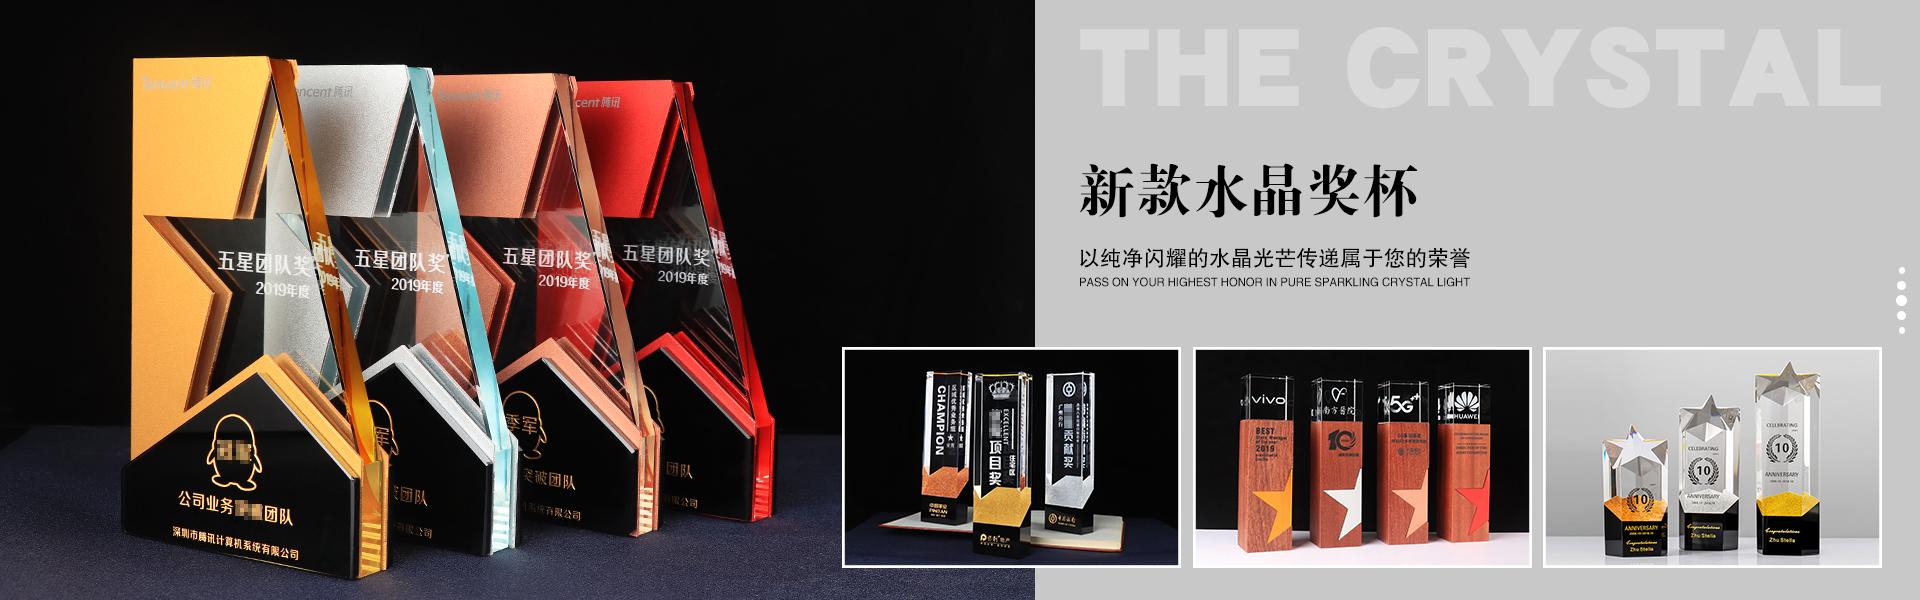 广州精兴工艺品有限公司